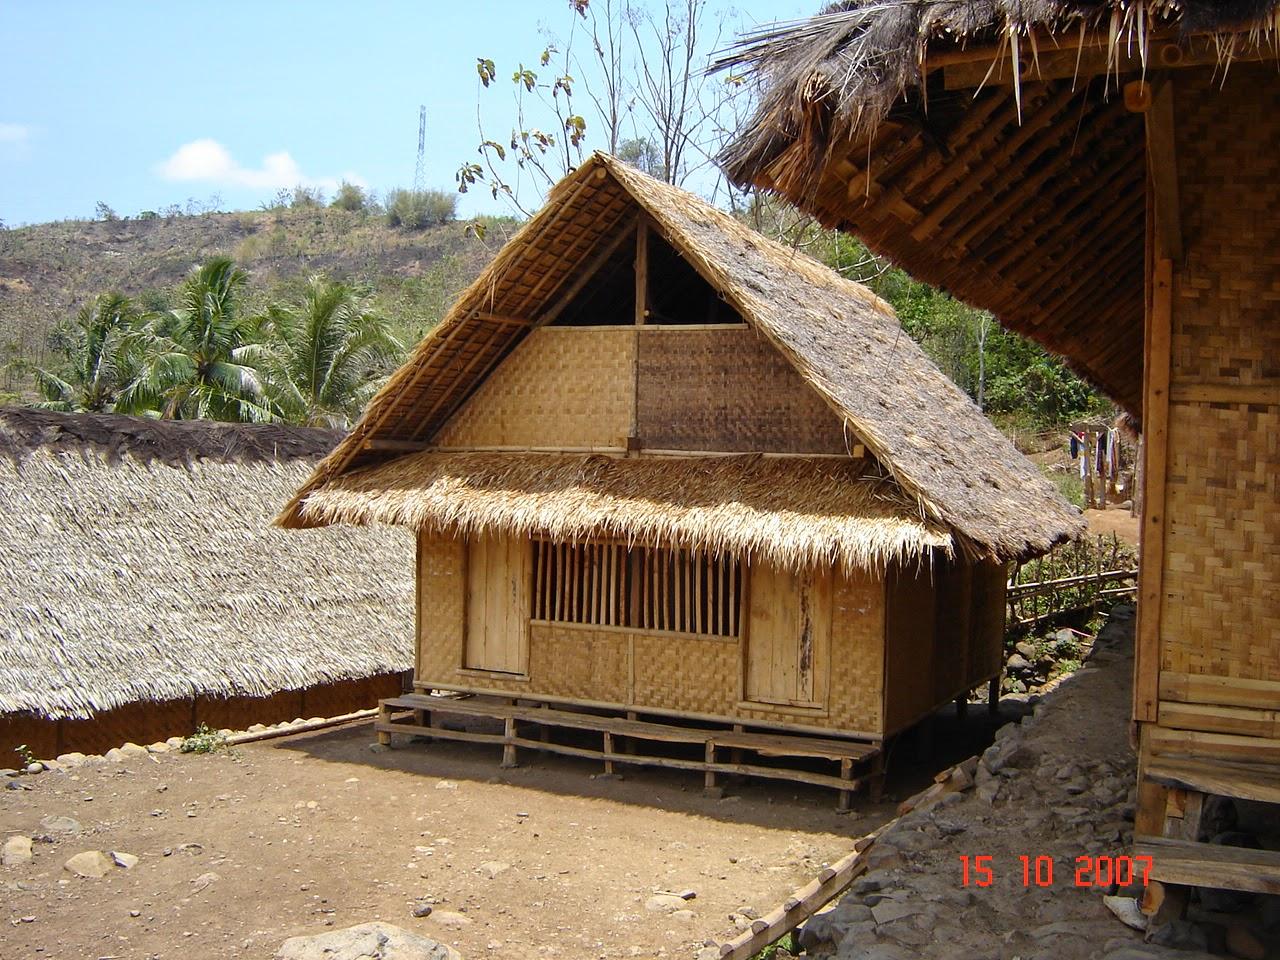 Objek Wisata Kampung Dukuh Garut Jawa Barat